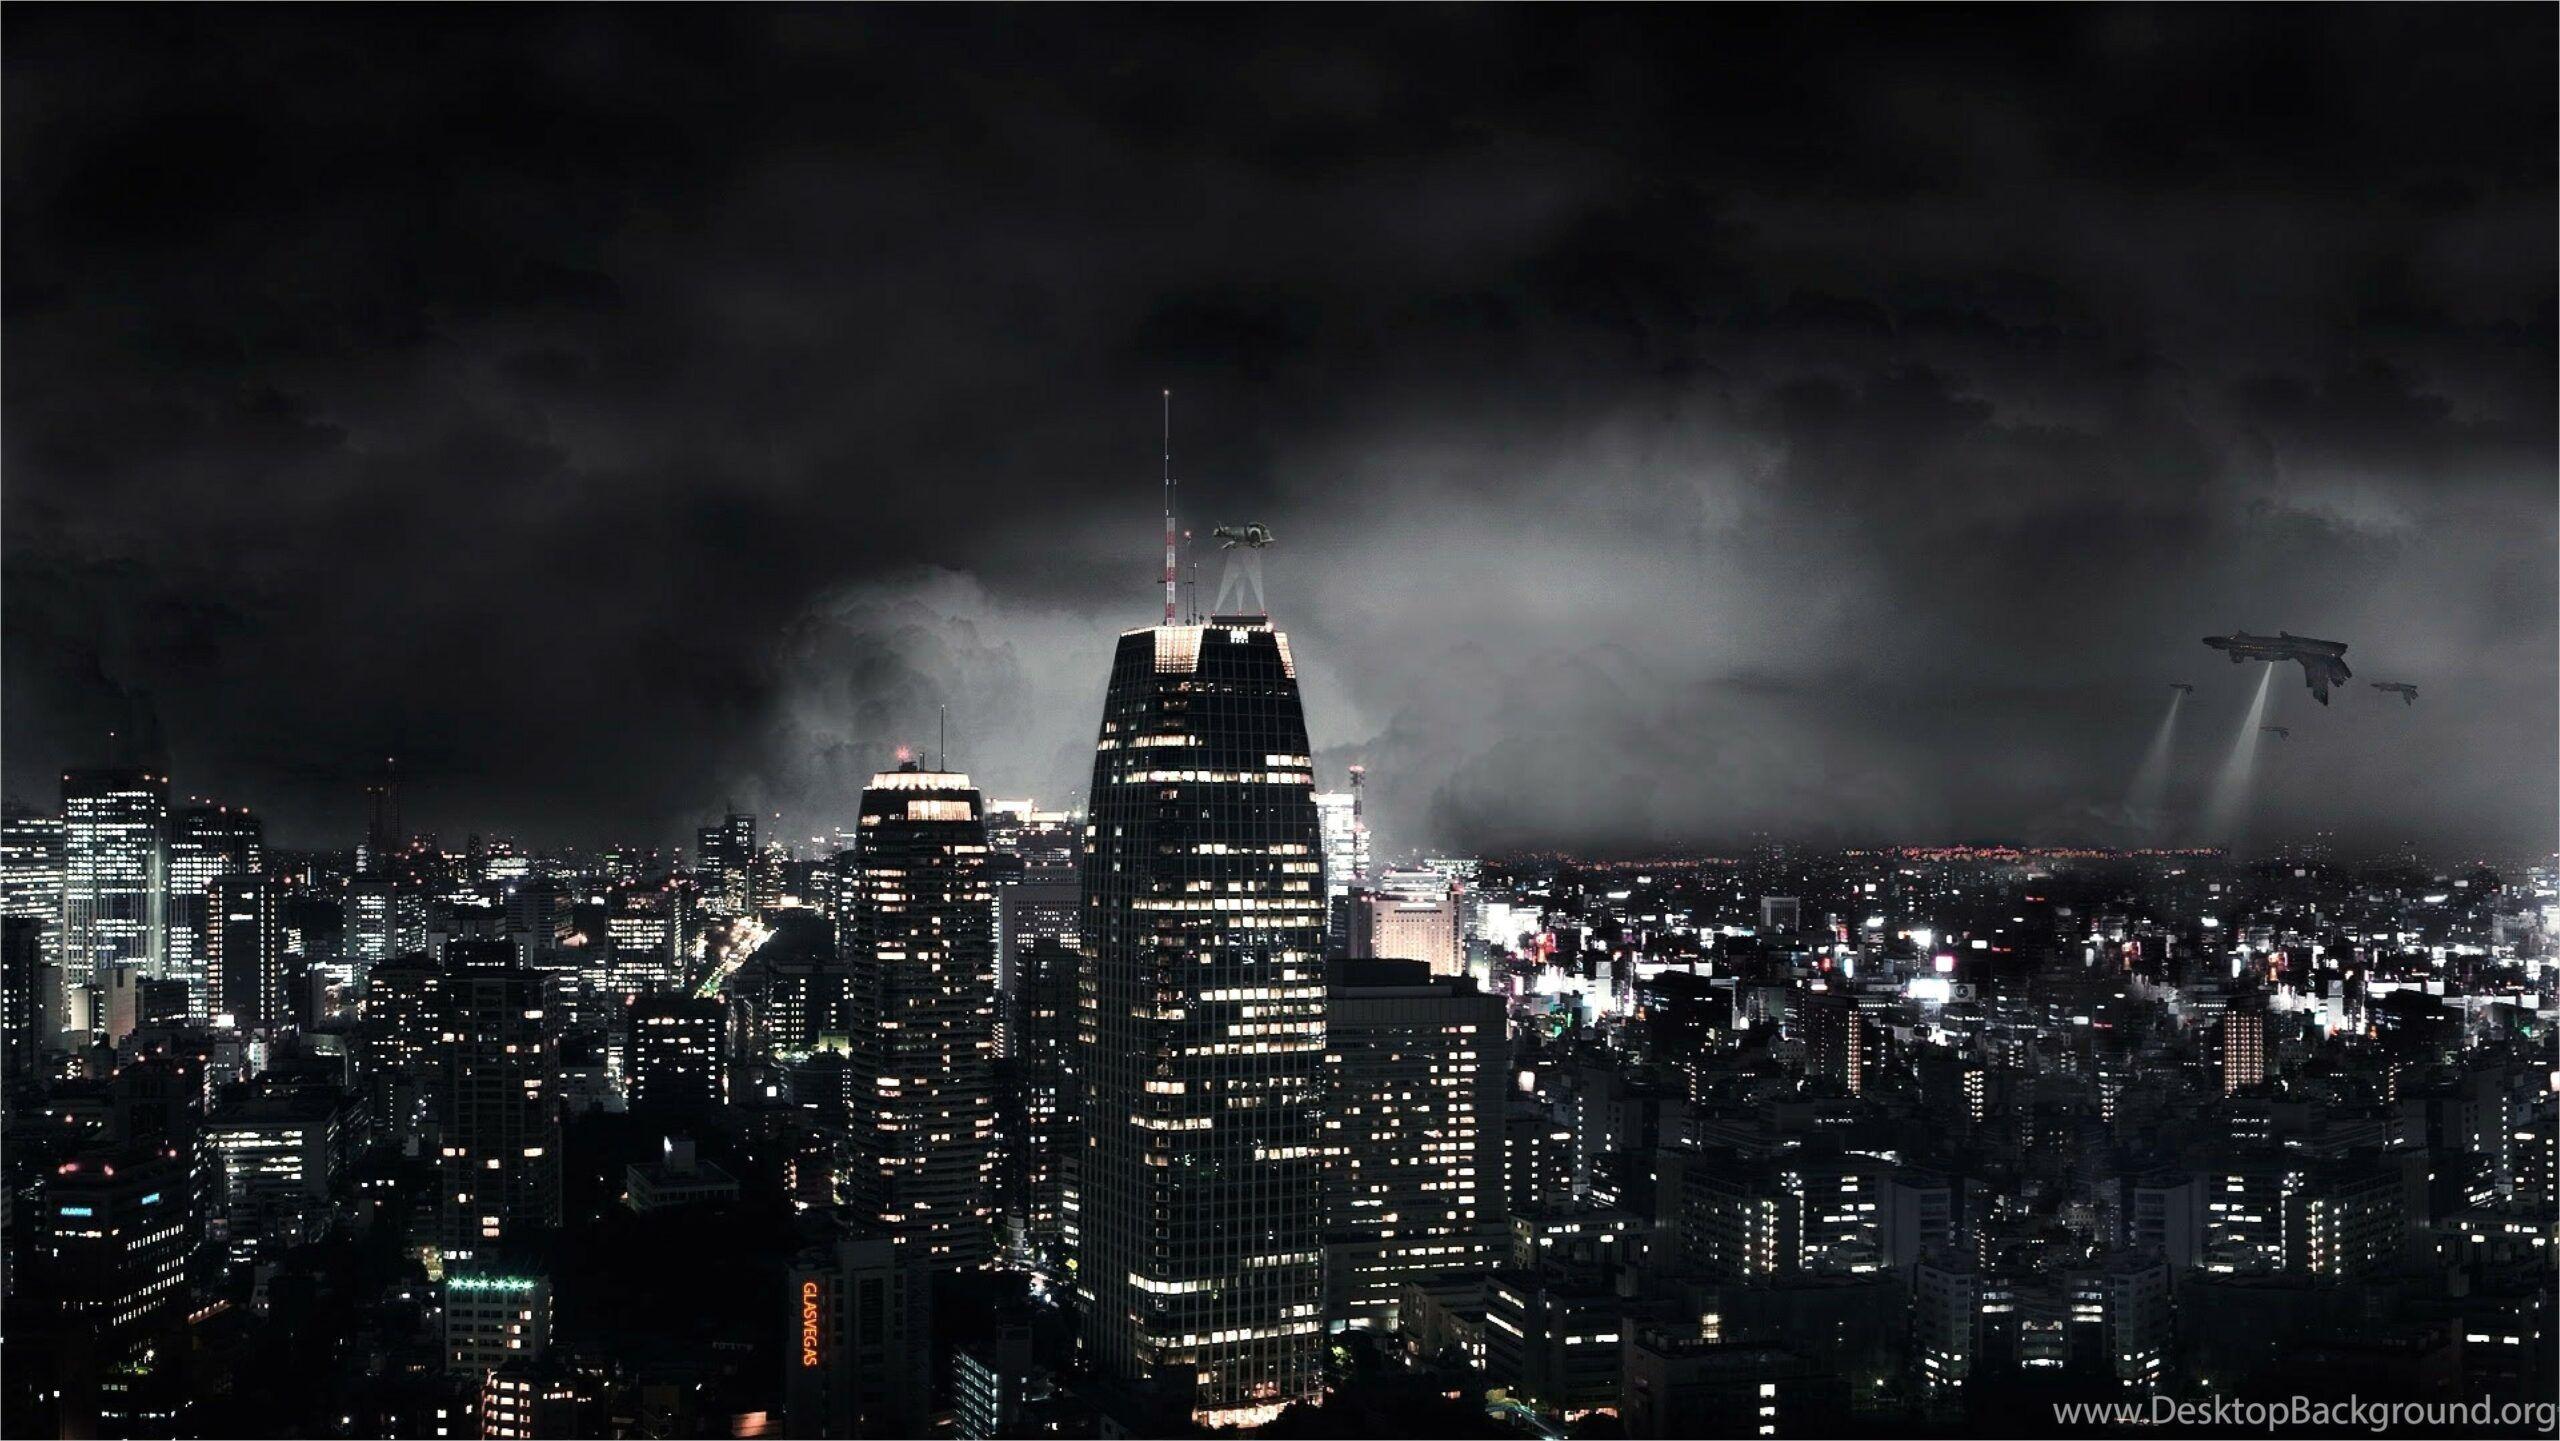 4k Nightlife Wallpaper For Pc In 2020 City Wallpaper Dark City Abstract Wallpaper